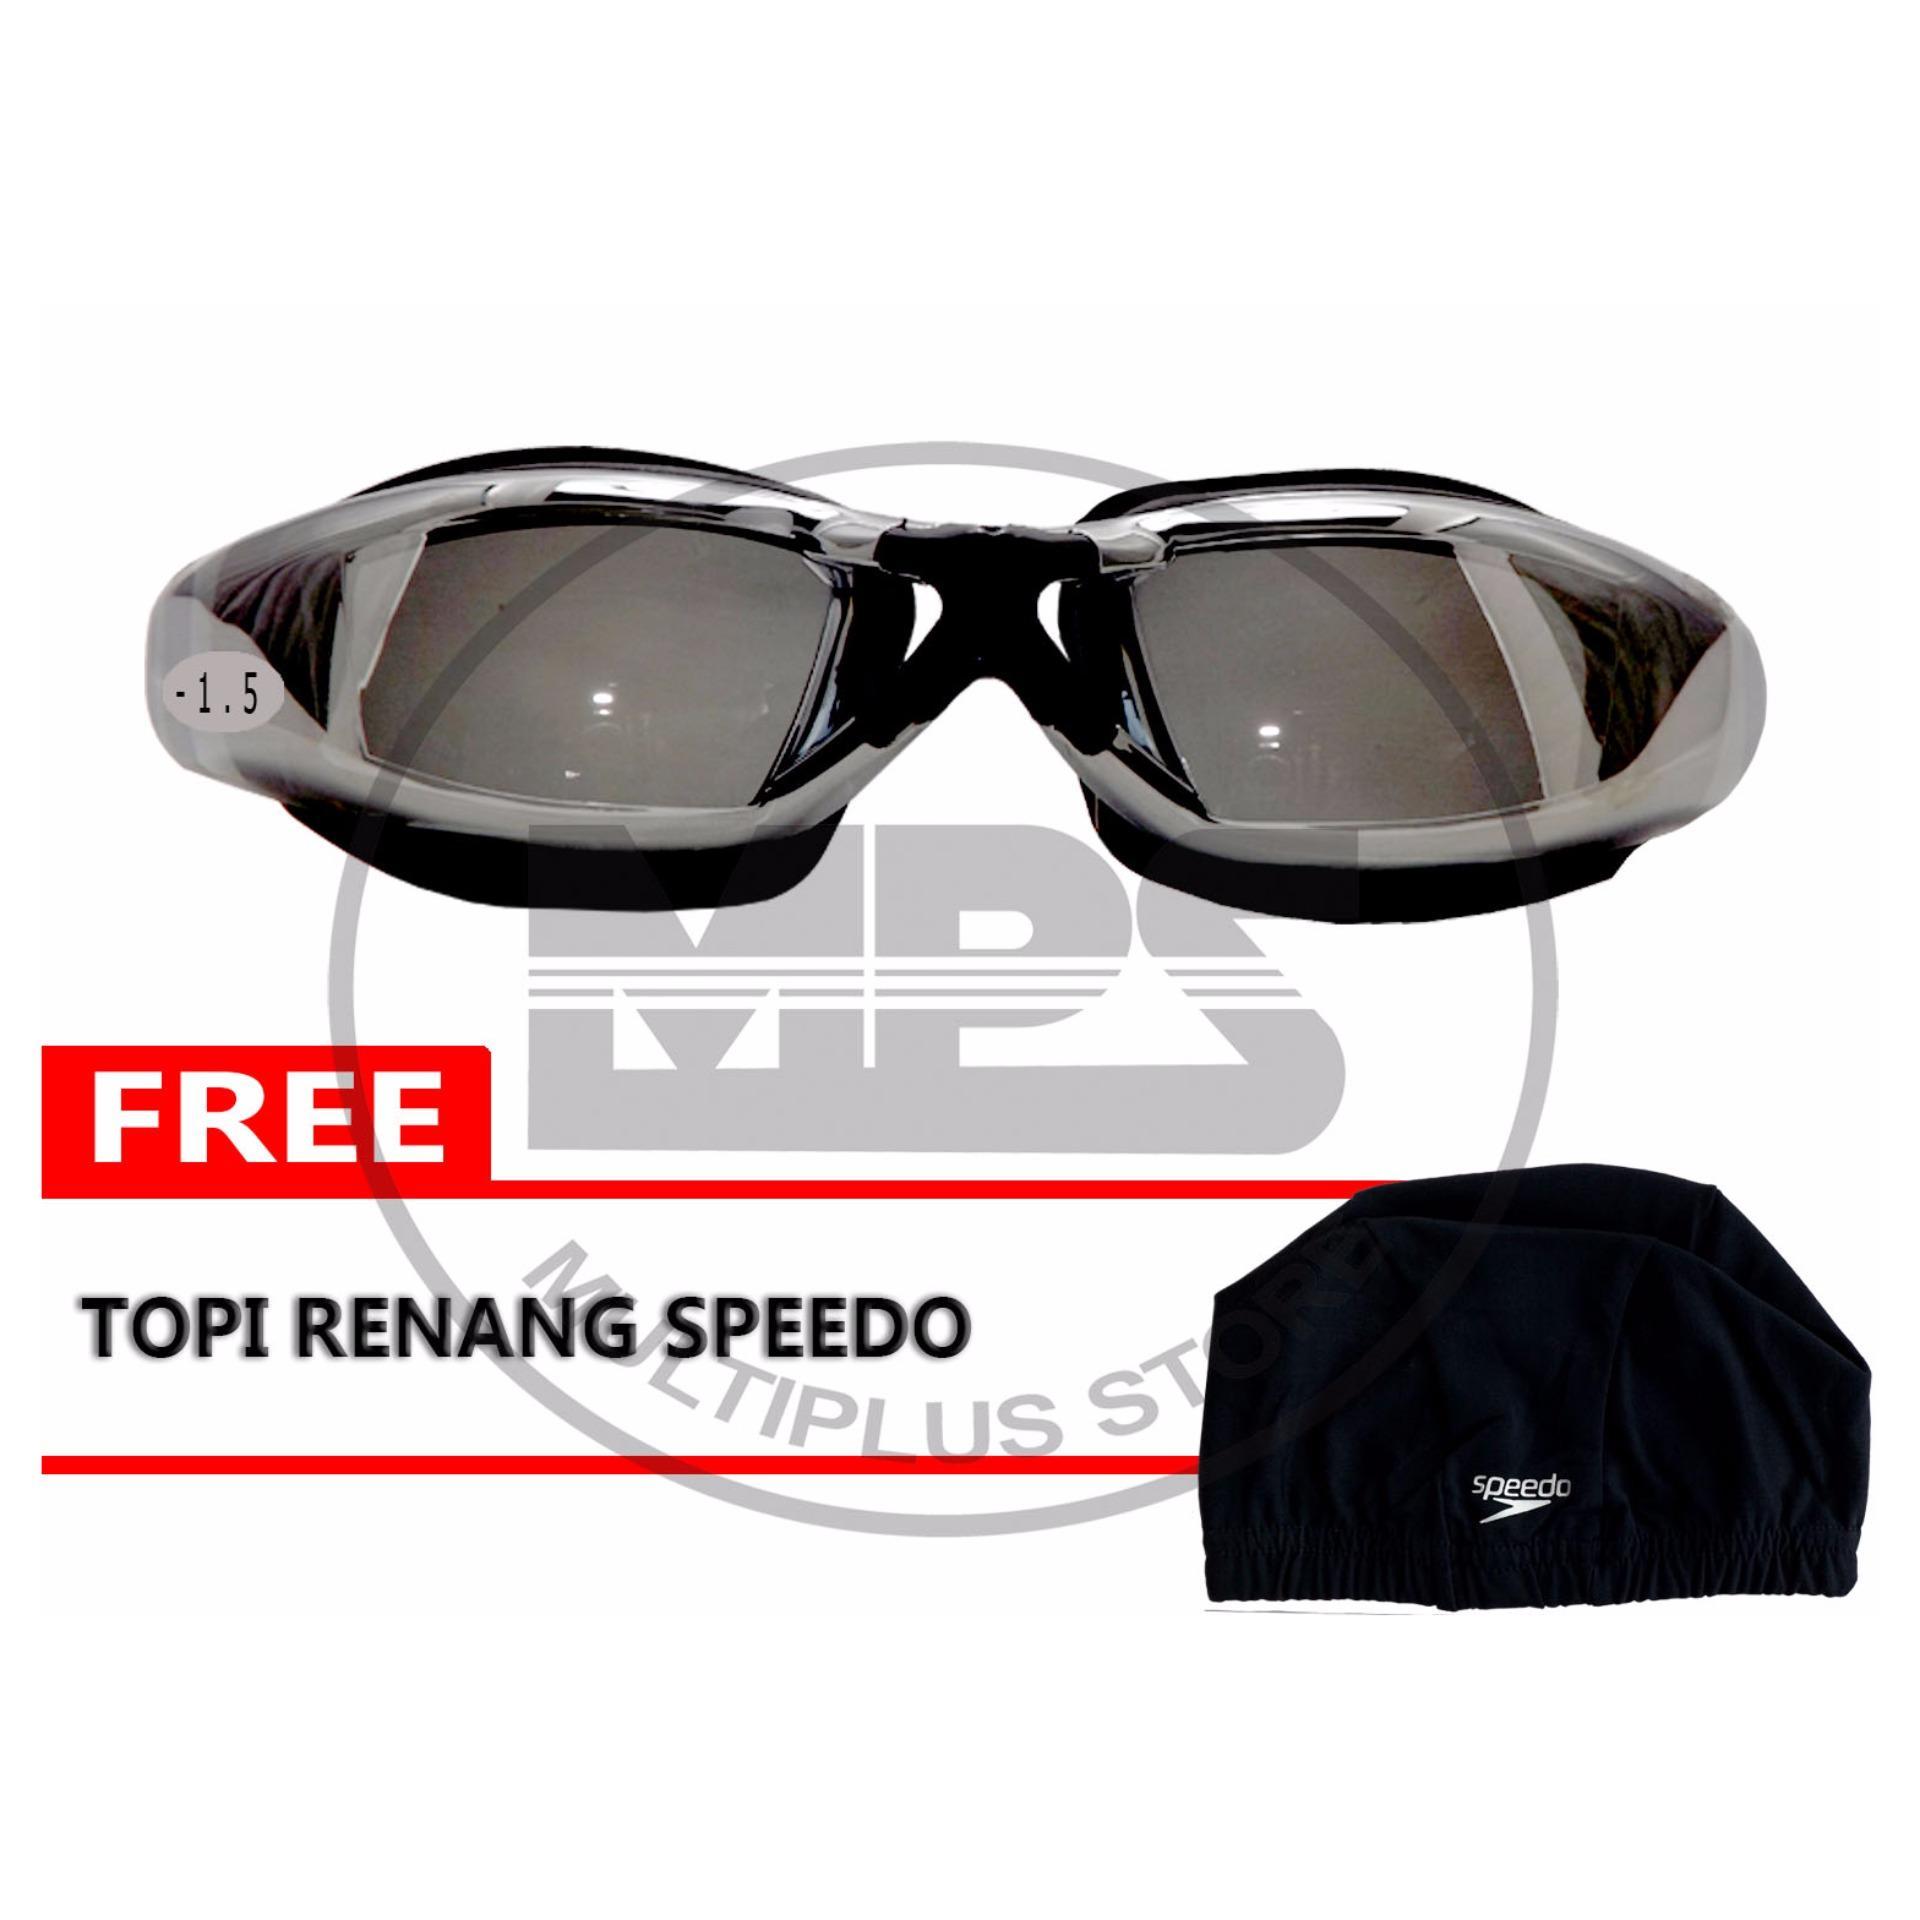 Speedo Kacamata Renang Minus 15 Spec Dan Daftar Harga Terbaru G1100p 2 25 3 35 4 45 5 6 7